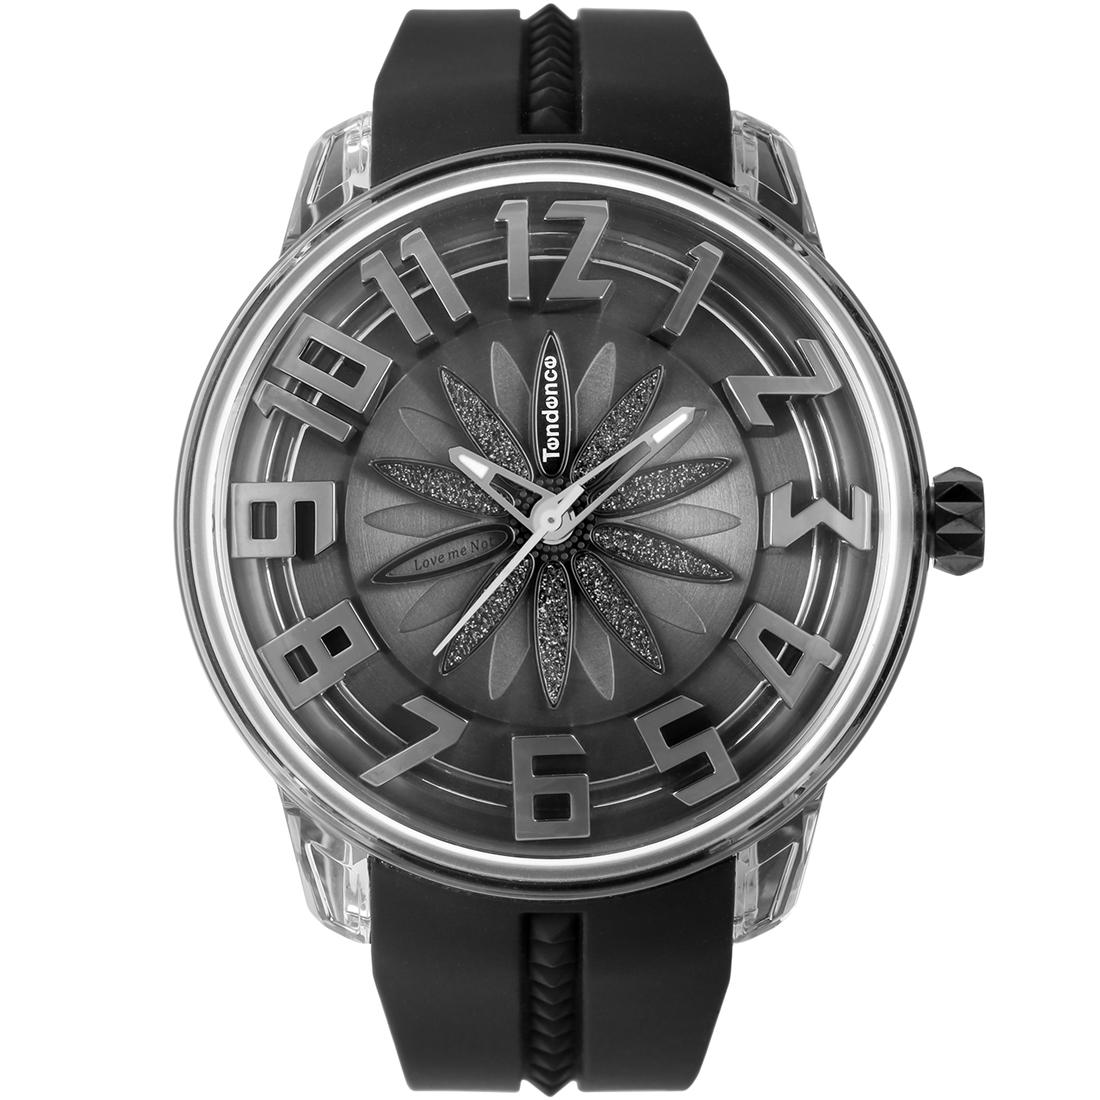 【今ならオーバーサイズノートプレゼント】 テンデンス Tendence TY023007 キングドーム 正規品 腕時計